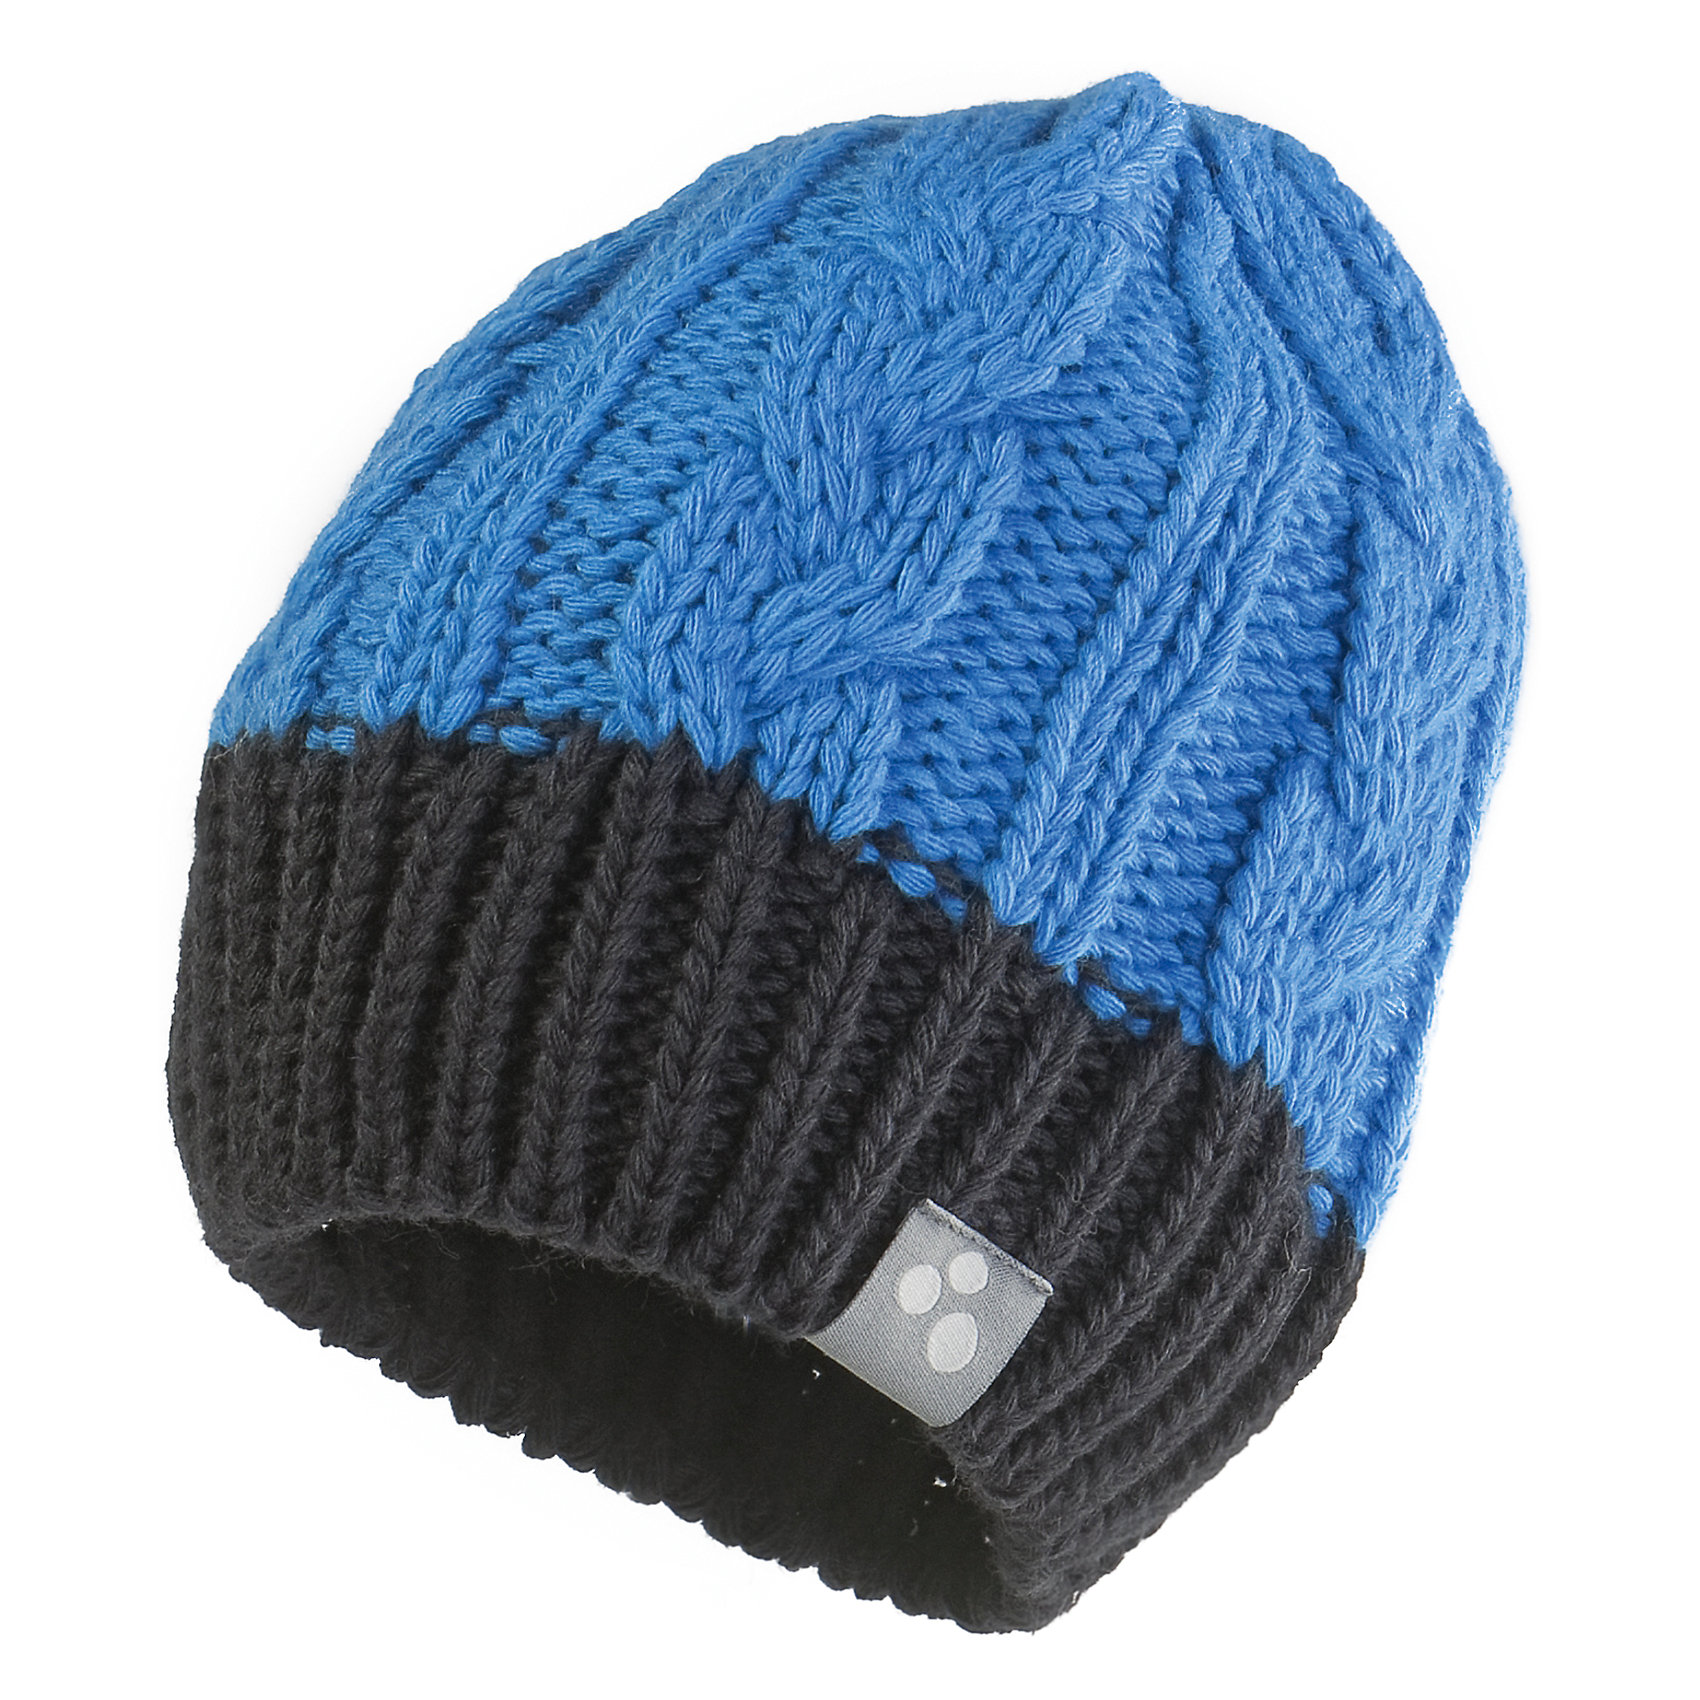 Шапка для мальчика HuppaГоловные уборы<br>Зимняя вязаная шапка с косичками для мальчиков. Шапка связана из 50% мериносовой шерсти и 50% акриловой пряжи. Резинка контрастных оттенков защищает уши от холодного ветра. Приятная шапка предназначена для ношения в более мягкую зимнюю погоду их хорошо сочетается с любой верхней одеждой.<br><br>Шапку для мальчика Huppa (Хуппа) можно купить в нашем магазине.<br><br>Ширина мм: 89<br>Глубина мм: 117<br>Высота мм: 44<br>Вес г: 155<br>Цвет: синий<br>Возраст от месяцев: 36<br>Возраст до месяцев: 60<br>Пол: Мужской<br>Возраст: Детский<br>Размер: 51-53,57,55-57<br>SKU: 4242751